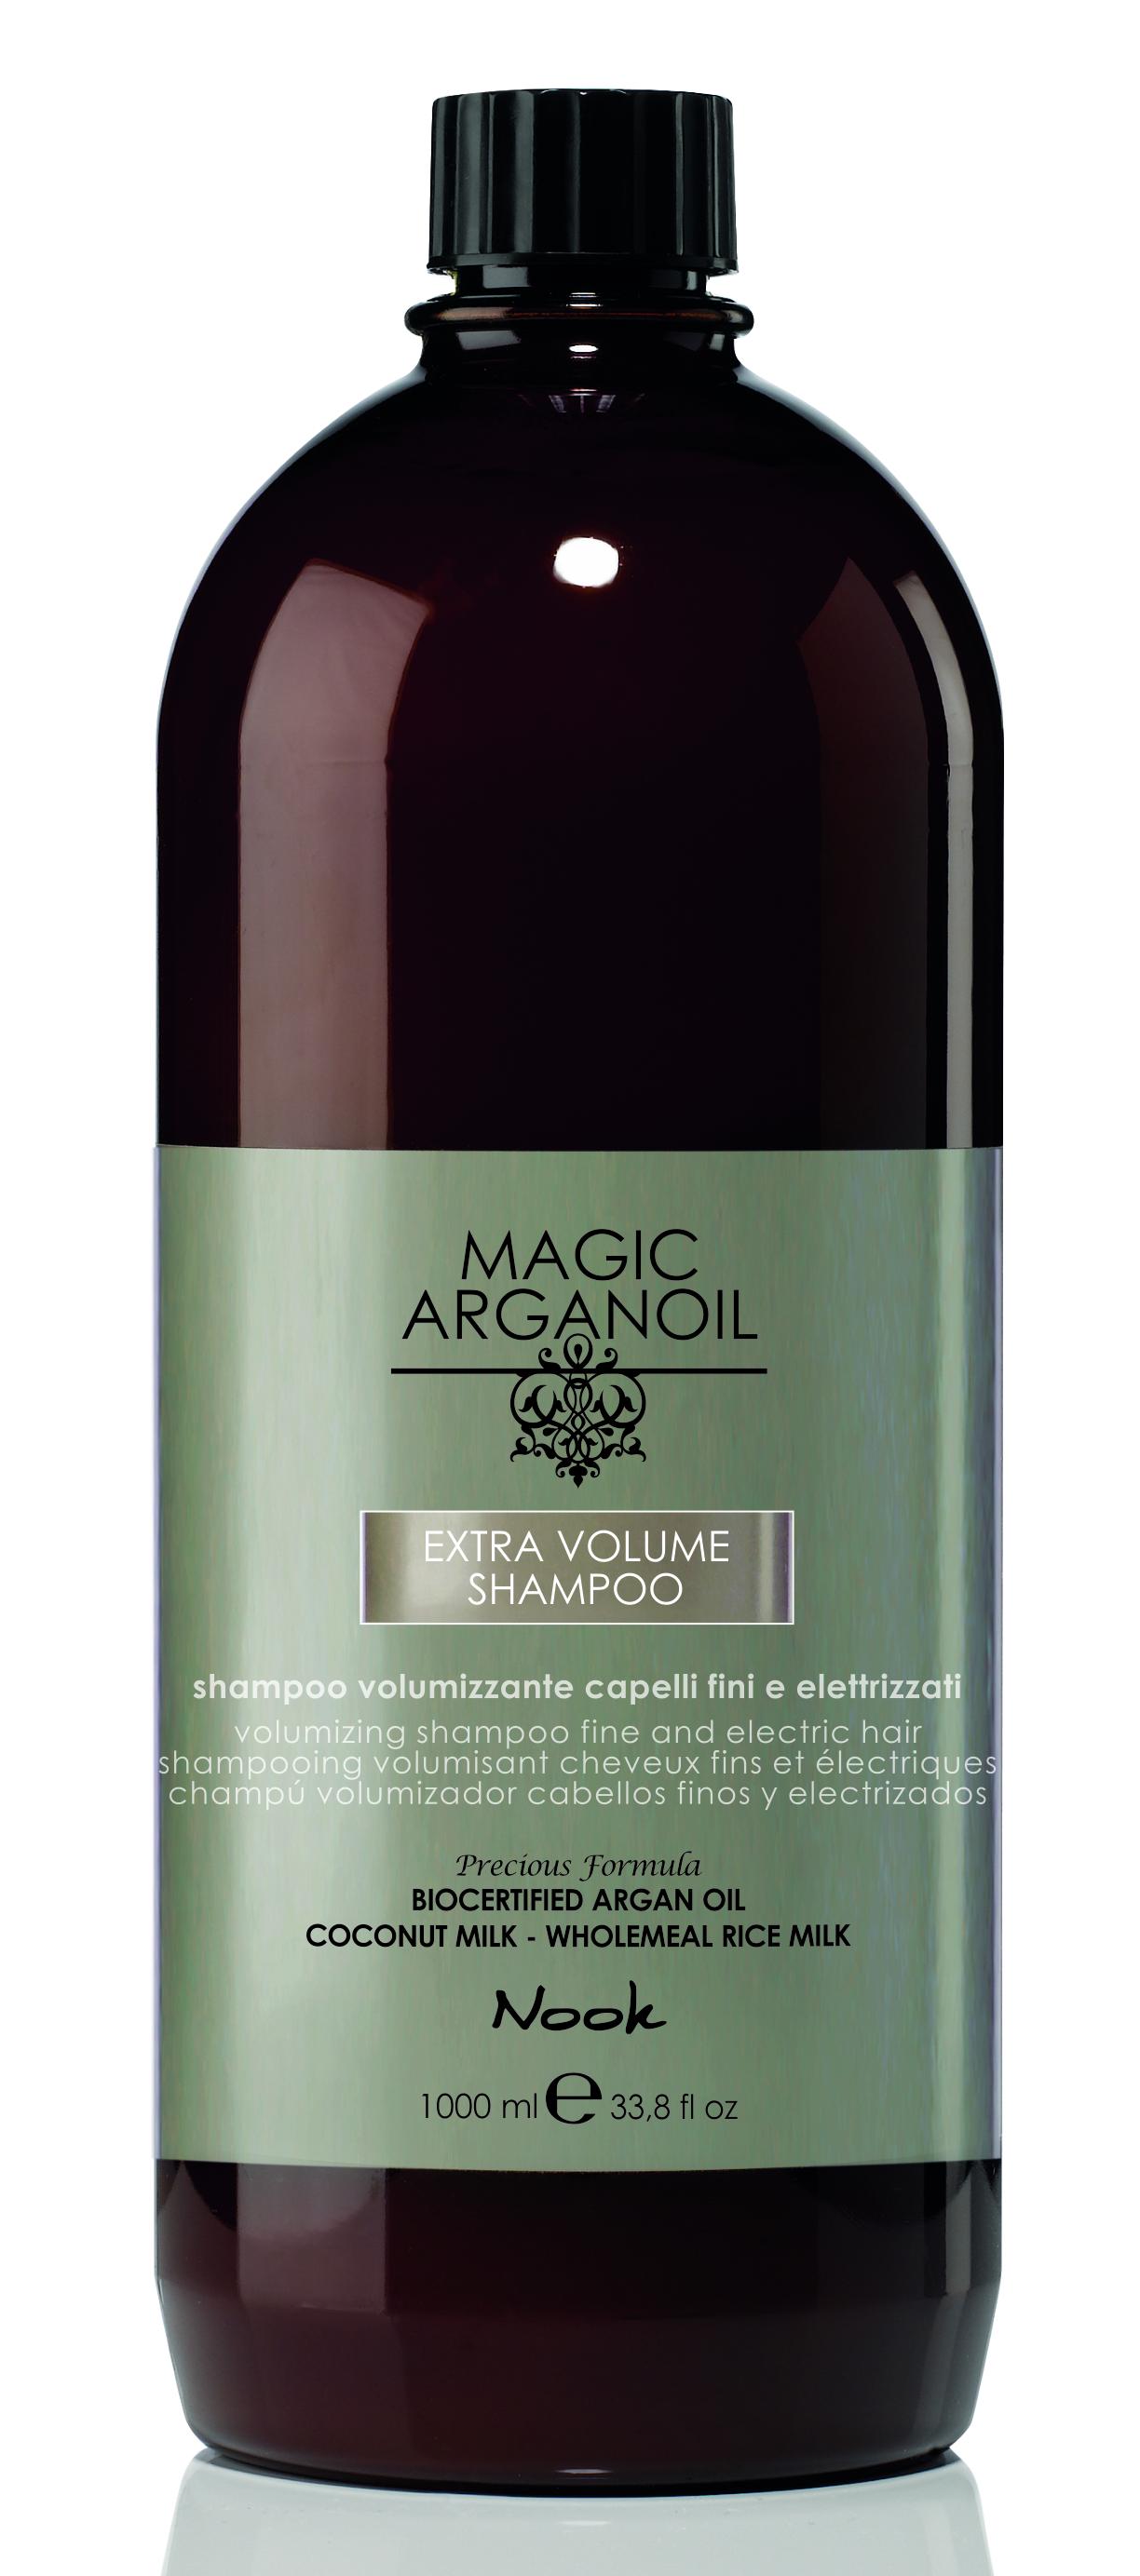 NOOK Шампунь для придания объема тонким и наэлектризованным волосам / Extra Volume Shampoo MAGIC ARGANOIL 1000 мл.